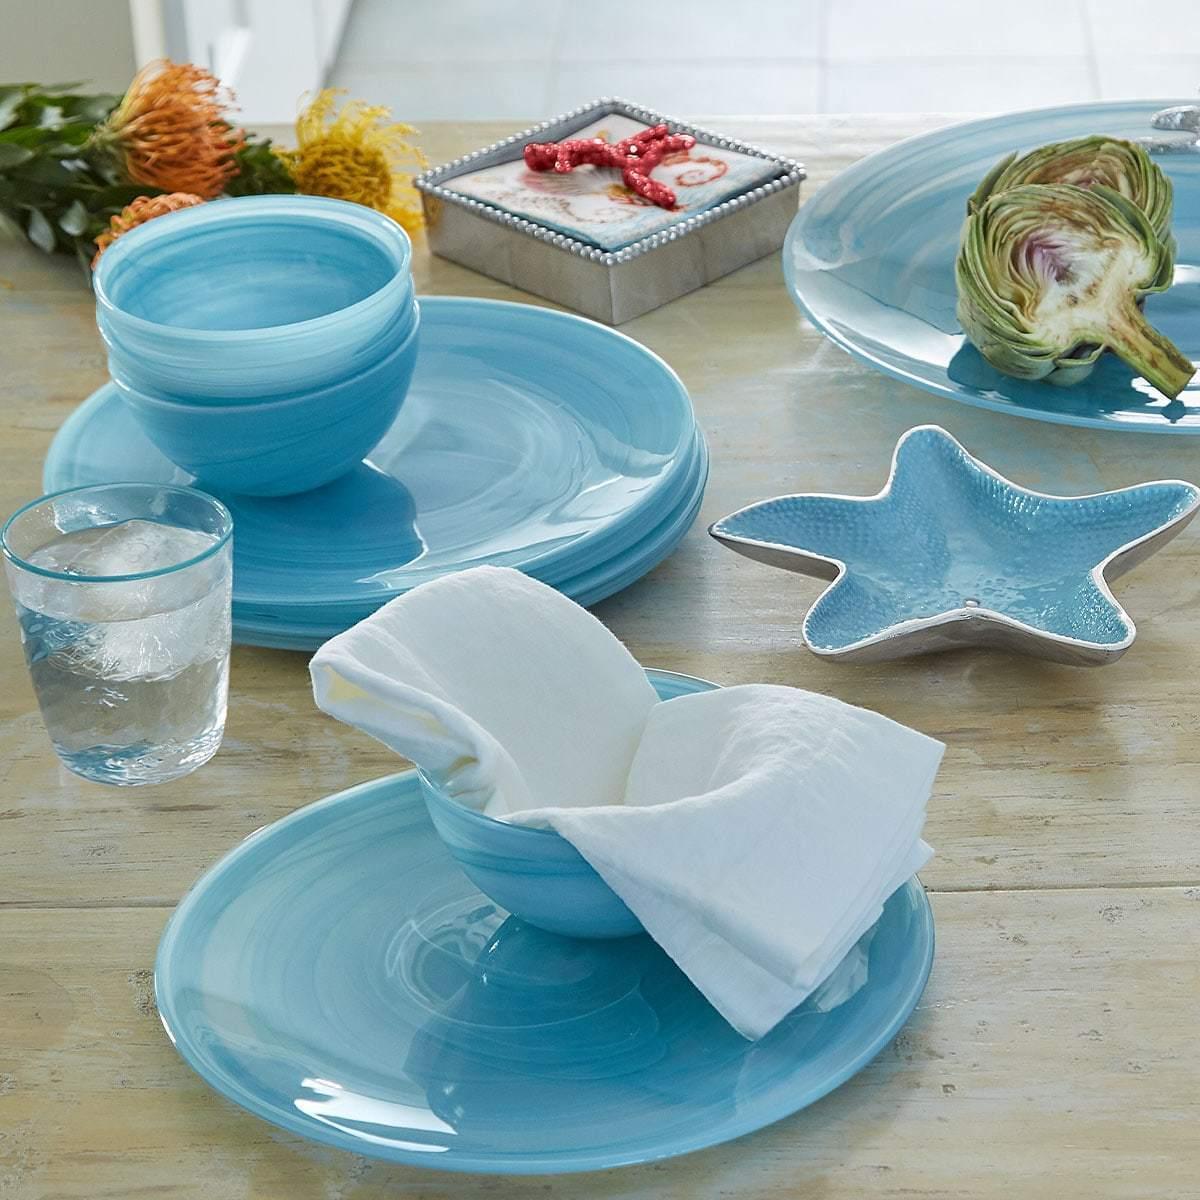 aqua-alabaster-serving-bowl-mariposa-3-1200x1200.jpg